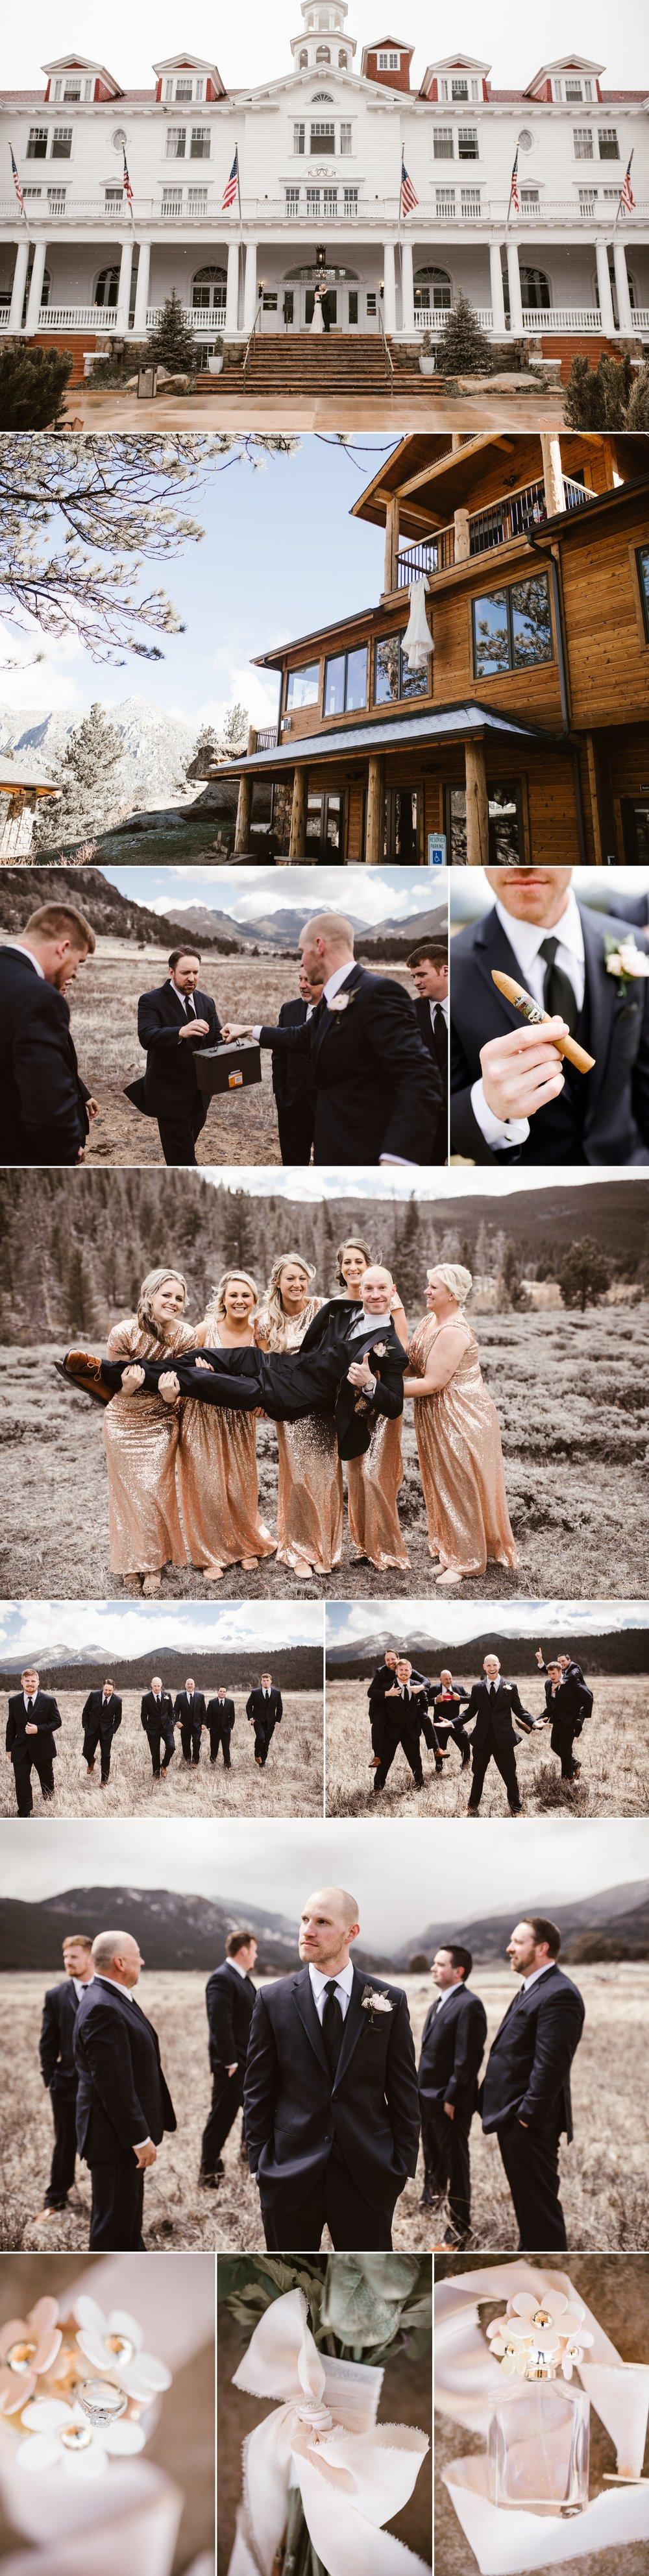 The Huwe Wedding 6.jpg